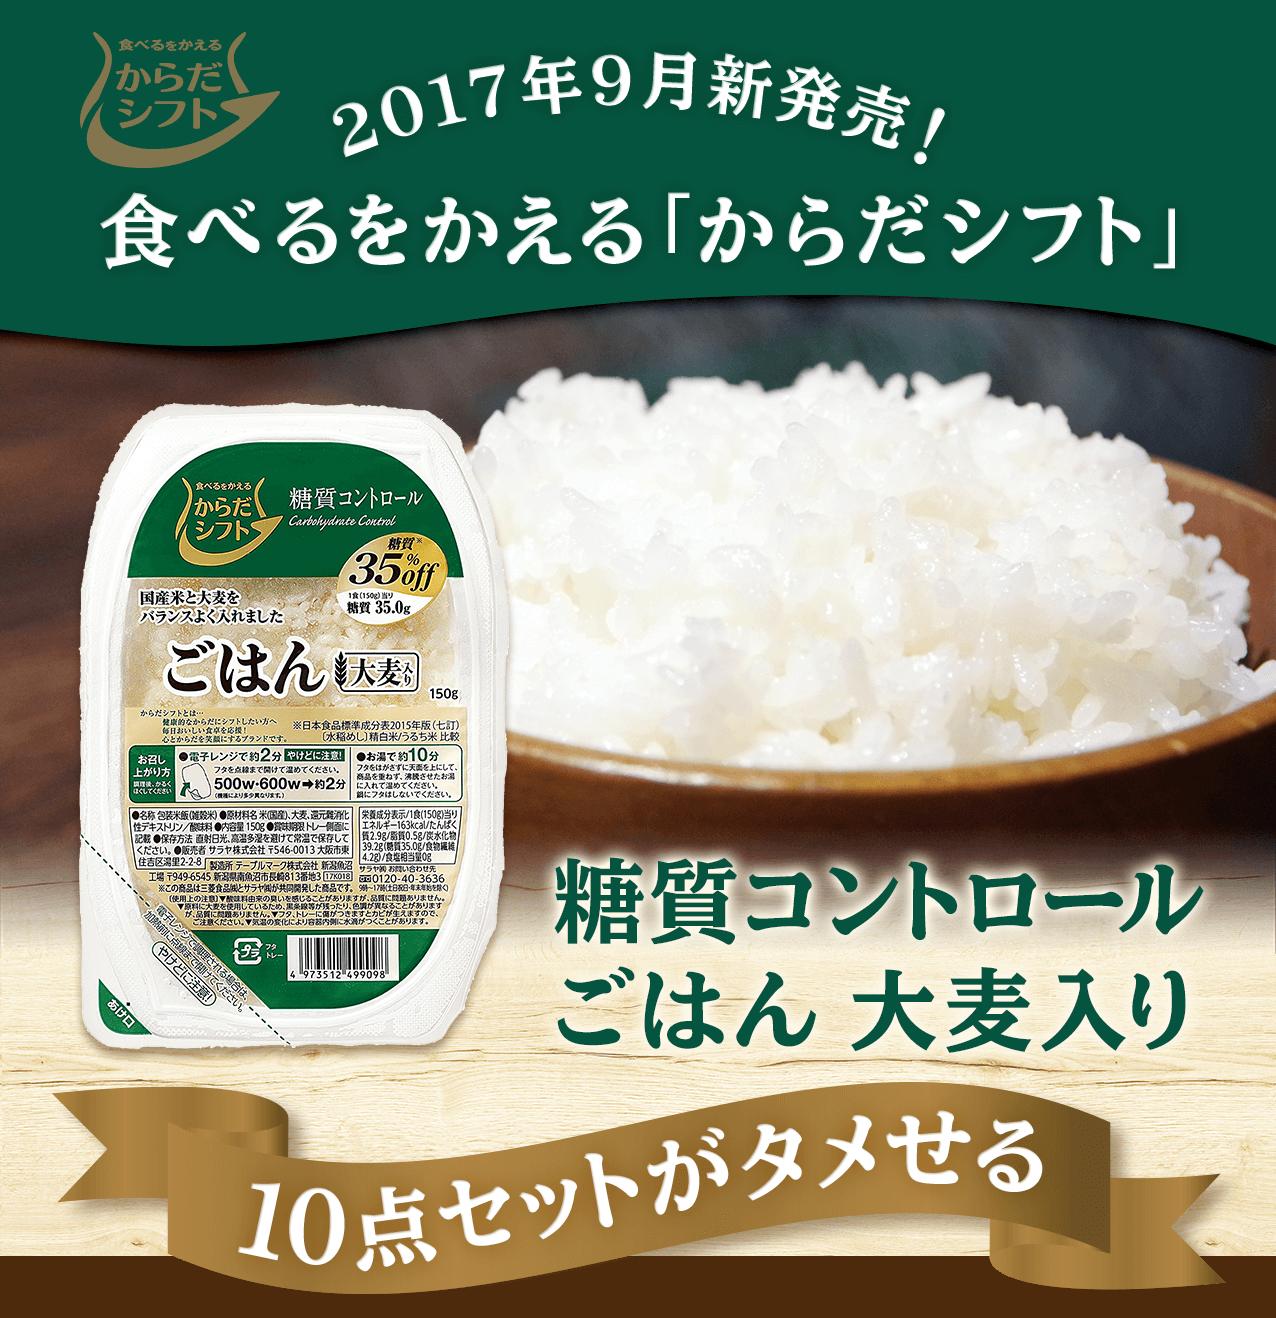 2017年9月新発売! 食べるをかえる「からだシフト」 糖質コントロール ごはん 大麦入り 10点セットがタメせる